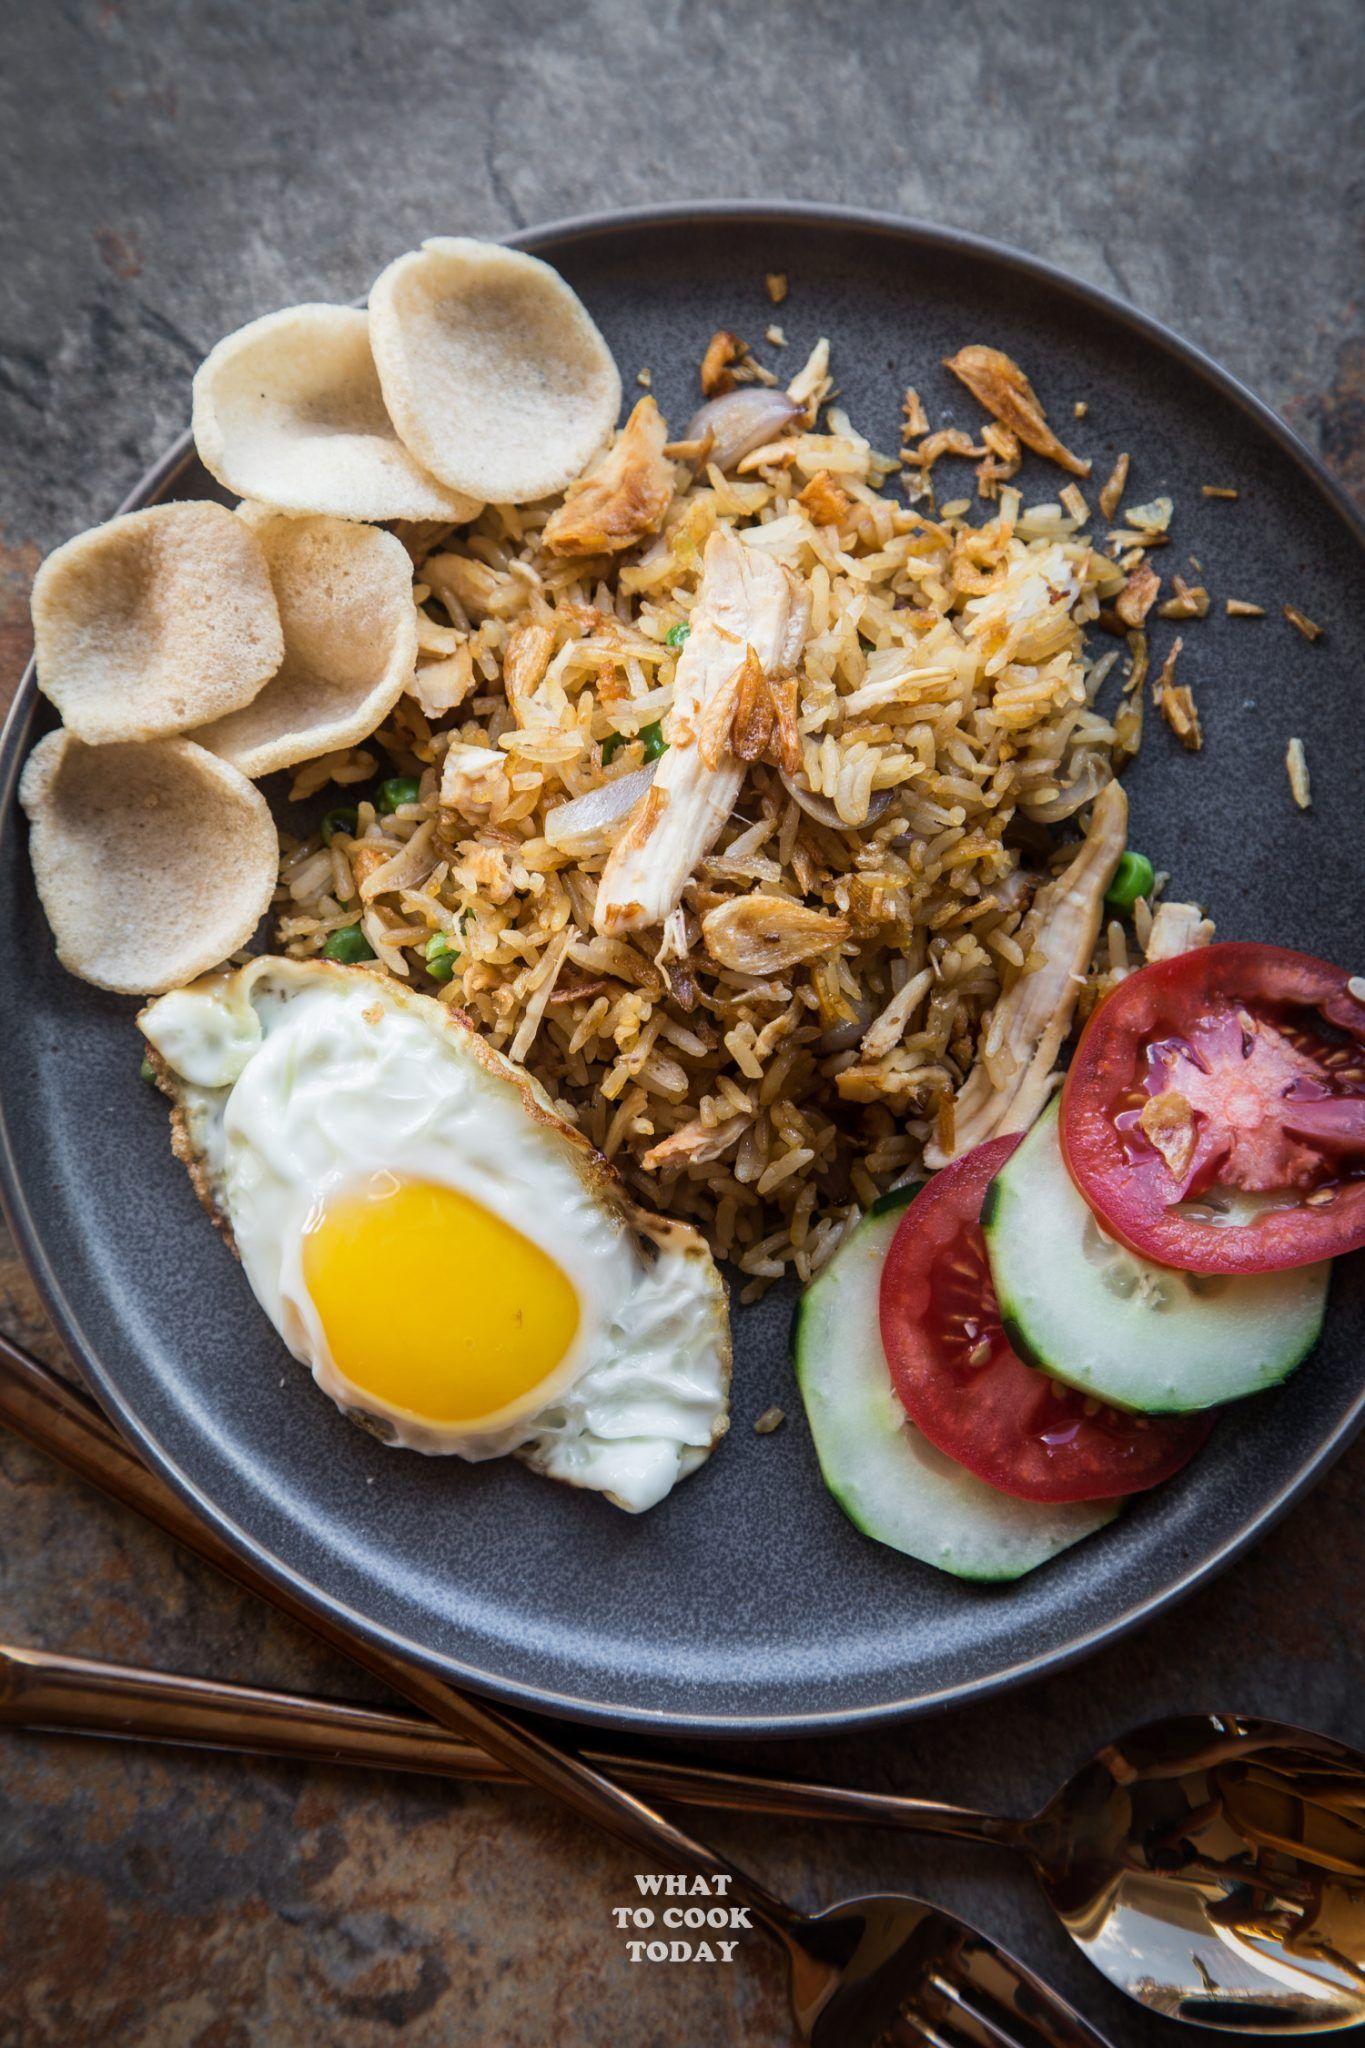 Leftover Turkey Nasi Goreng Indonesian Fried Rice Nasigoreng Turkey Friedrice Indian Rice Recipes Nasi Goreng Asian Dishes